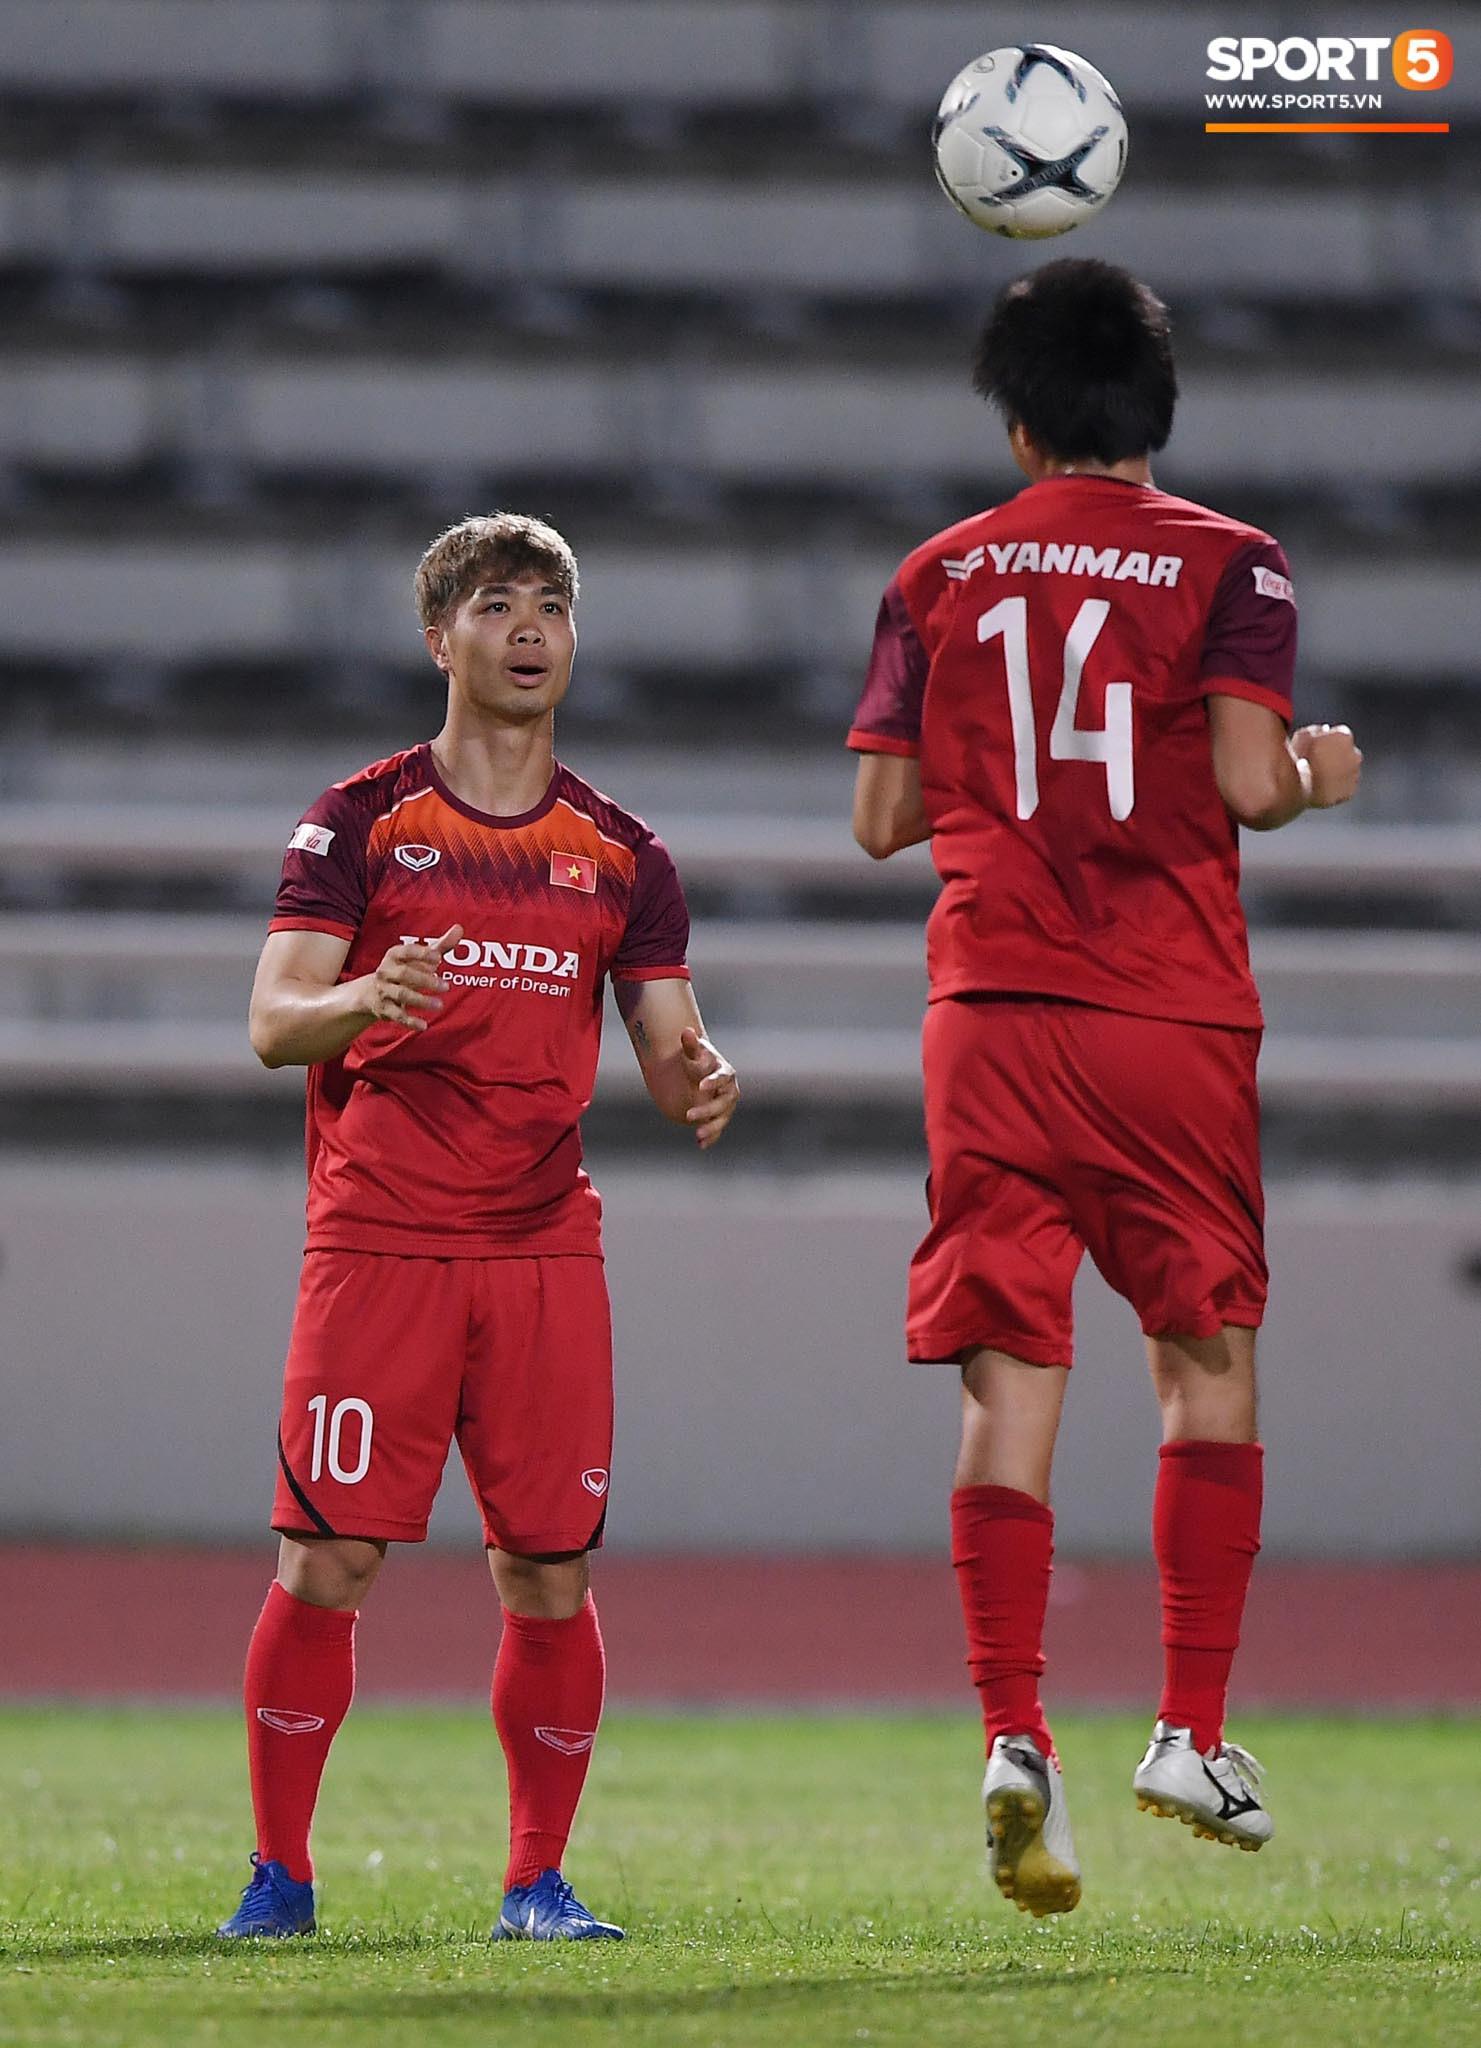 Xuân Trường táng Đức Huy không trượt phát nào trong buổi tập trước trận gặp Thái Lan - Ảnh 10.